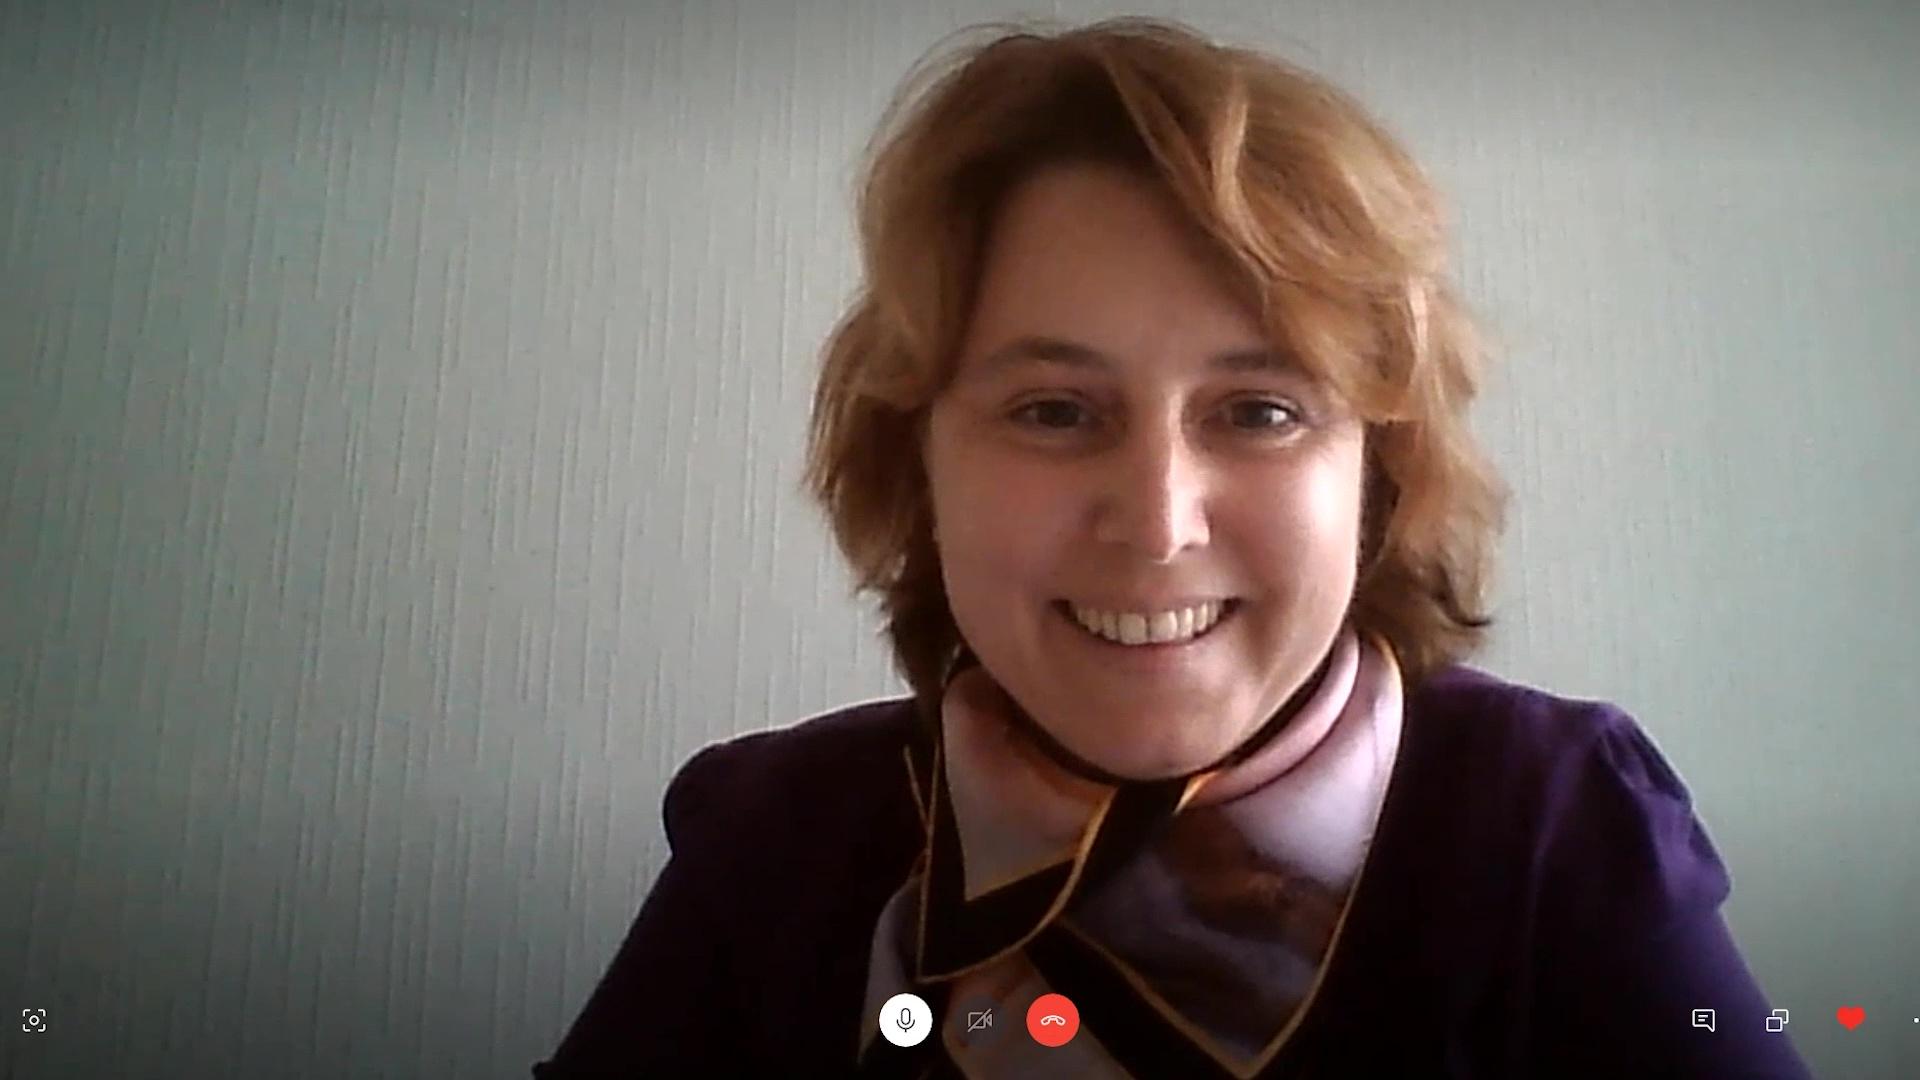 Галина Пенягина рассказала, как бизнесу выстраивать стратегию в условиях пандемии